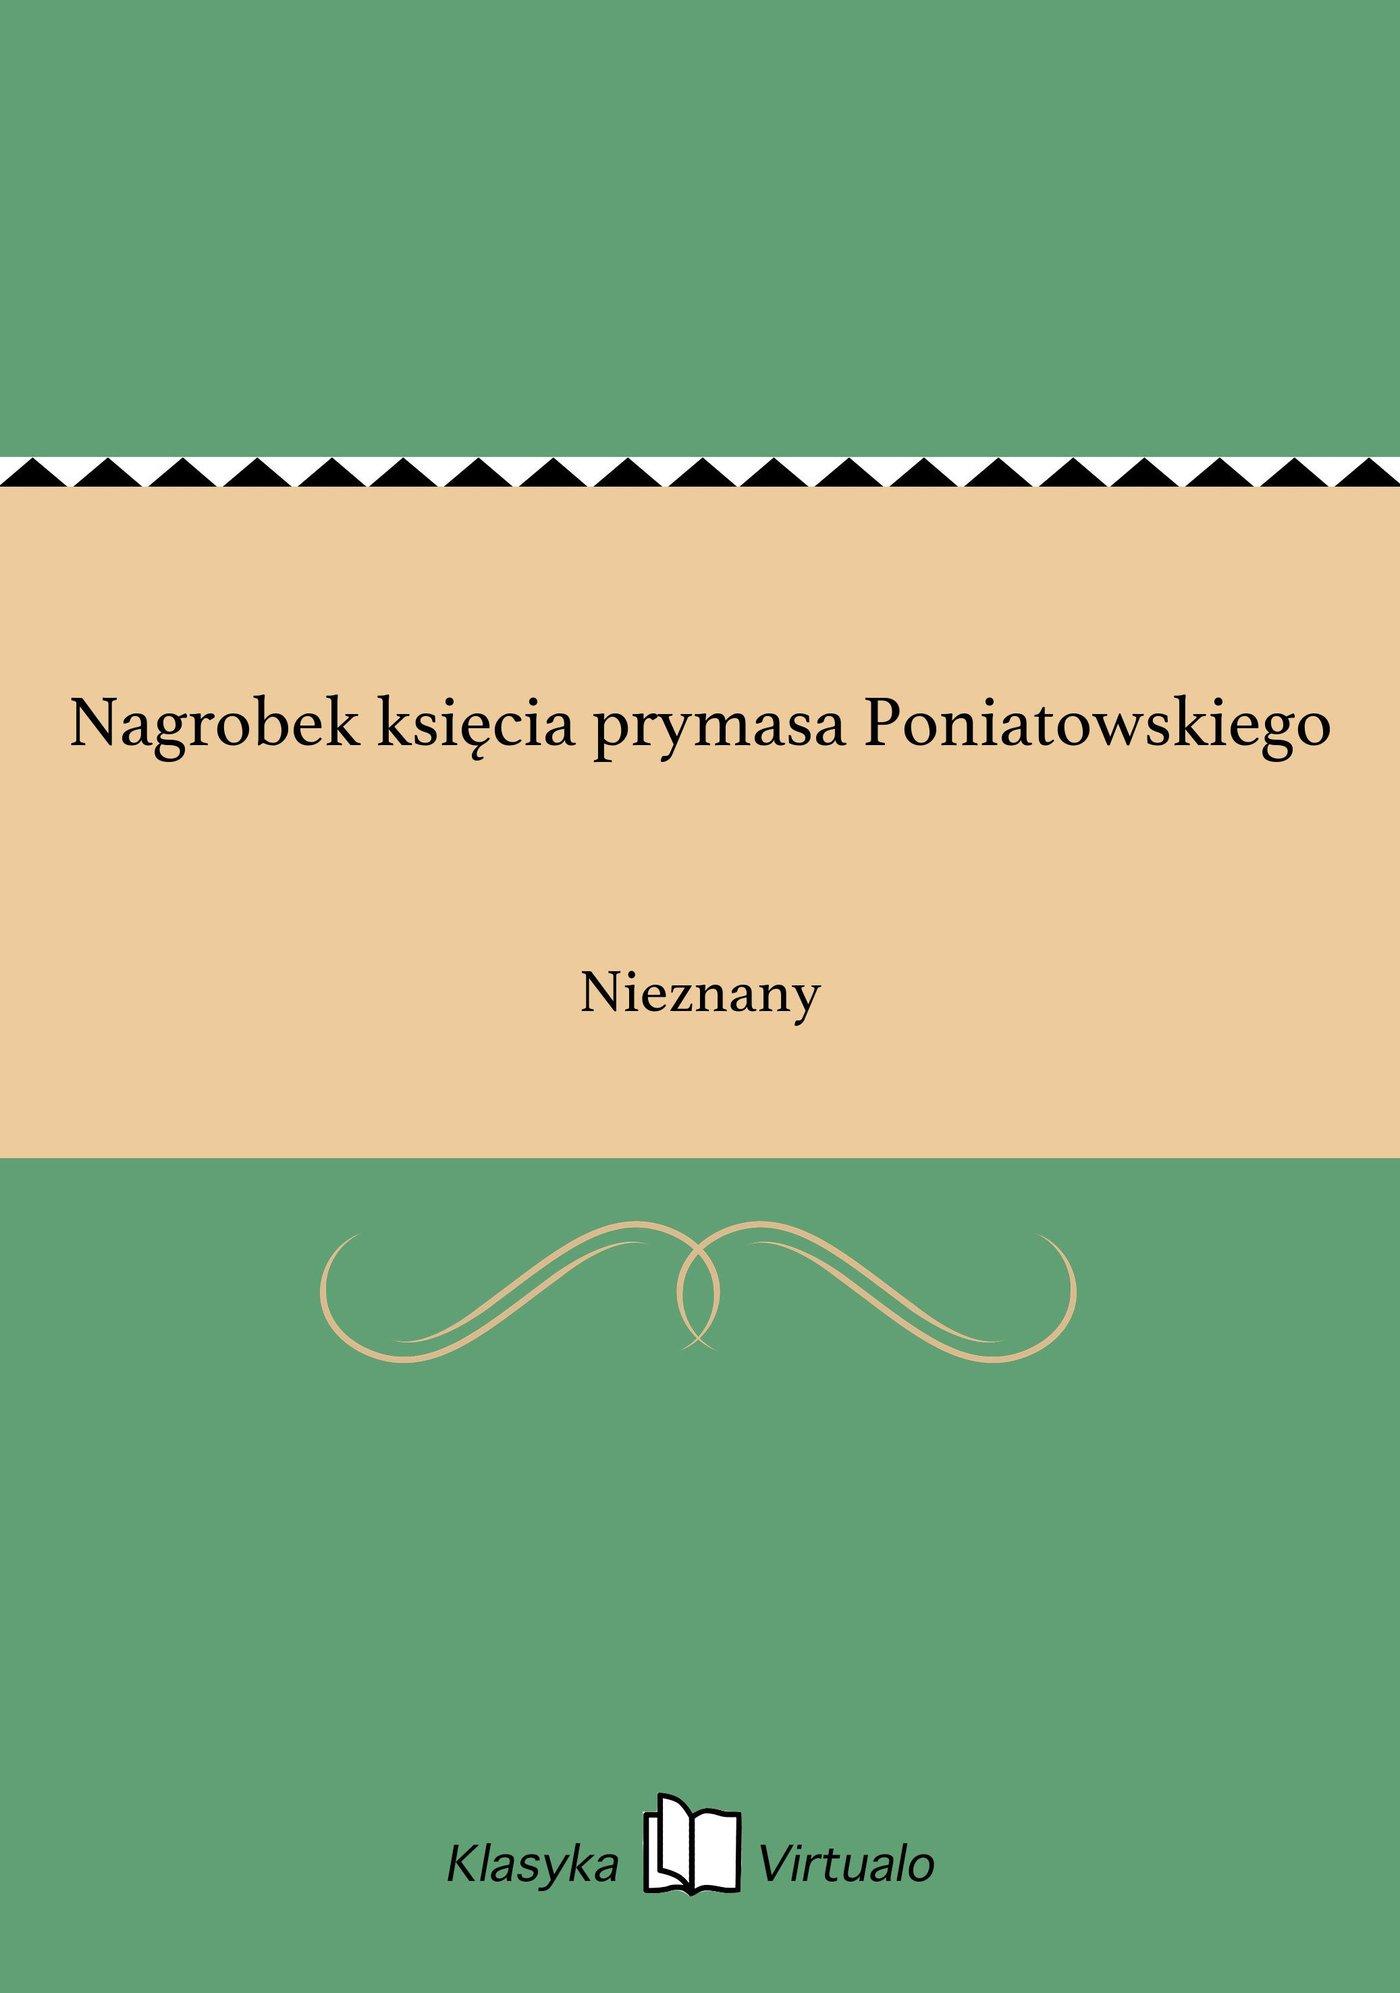 Nagrobek księcia prymasa Poniatowskiego - Ebook (Książka EPUB) do pobrania w formacie EPUB